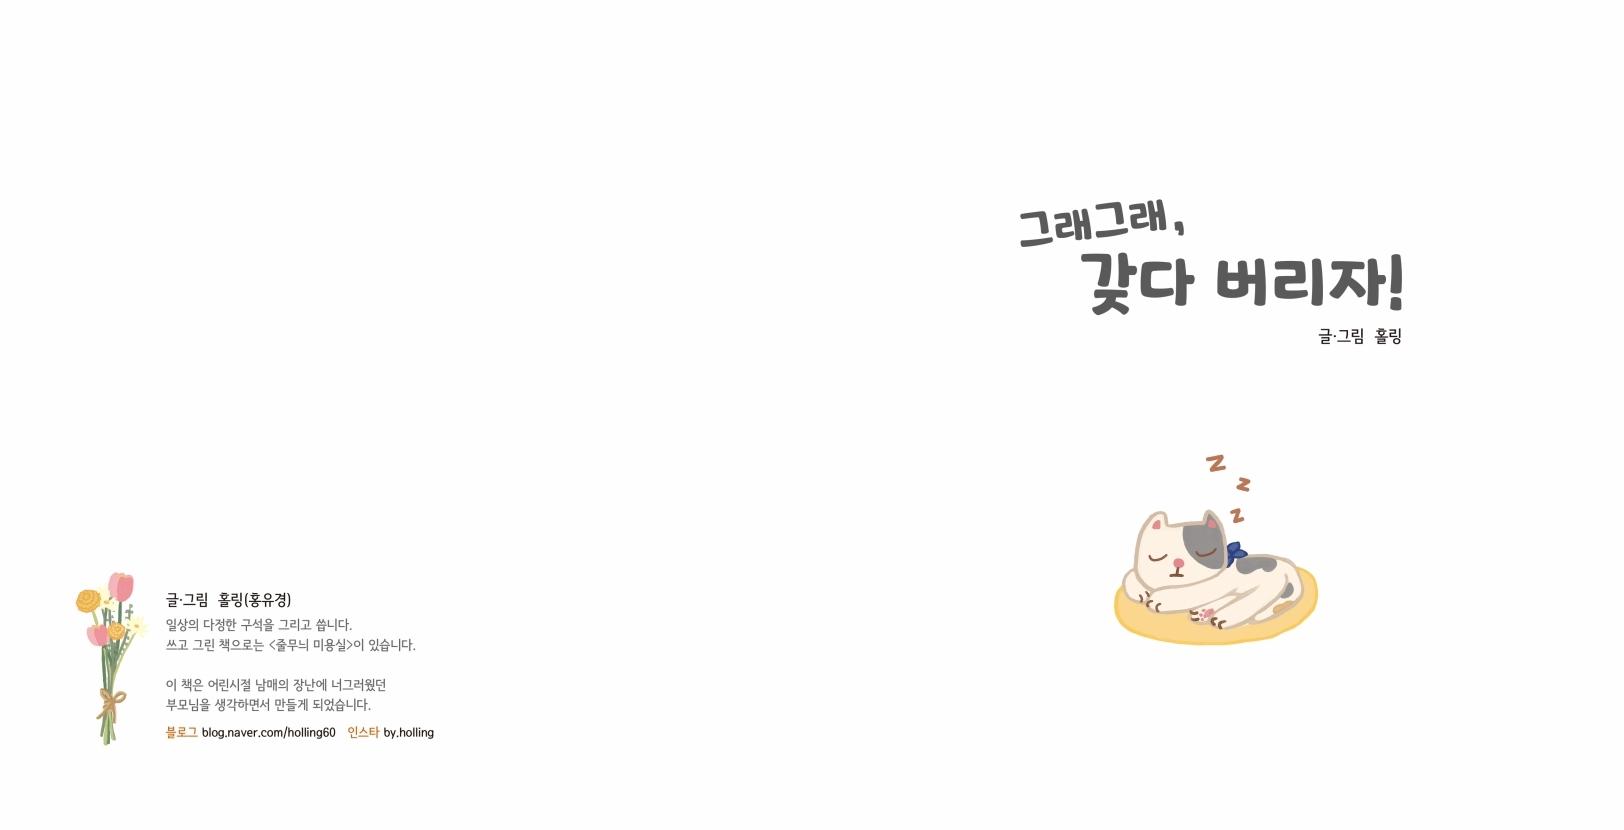 그래그래갖다버리자_홍유경(수정후).pdf_page_02.jpg